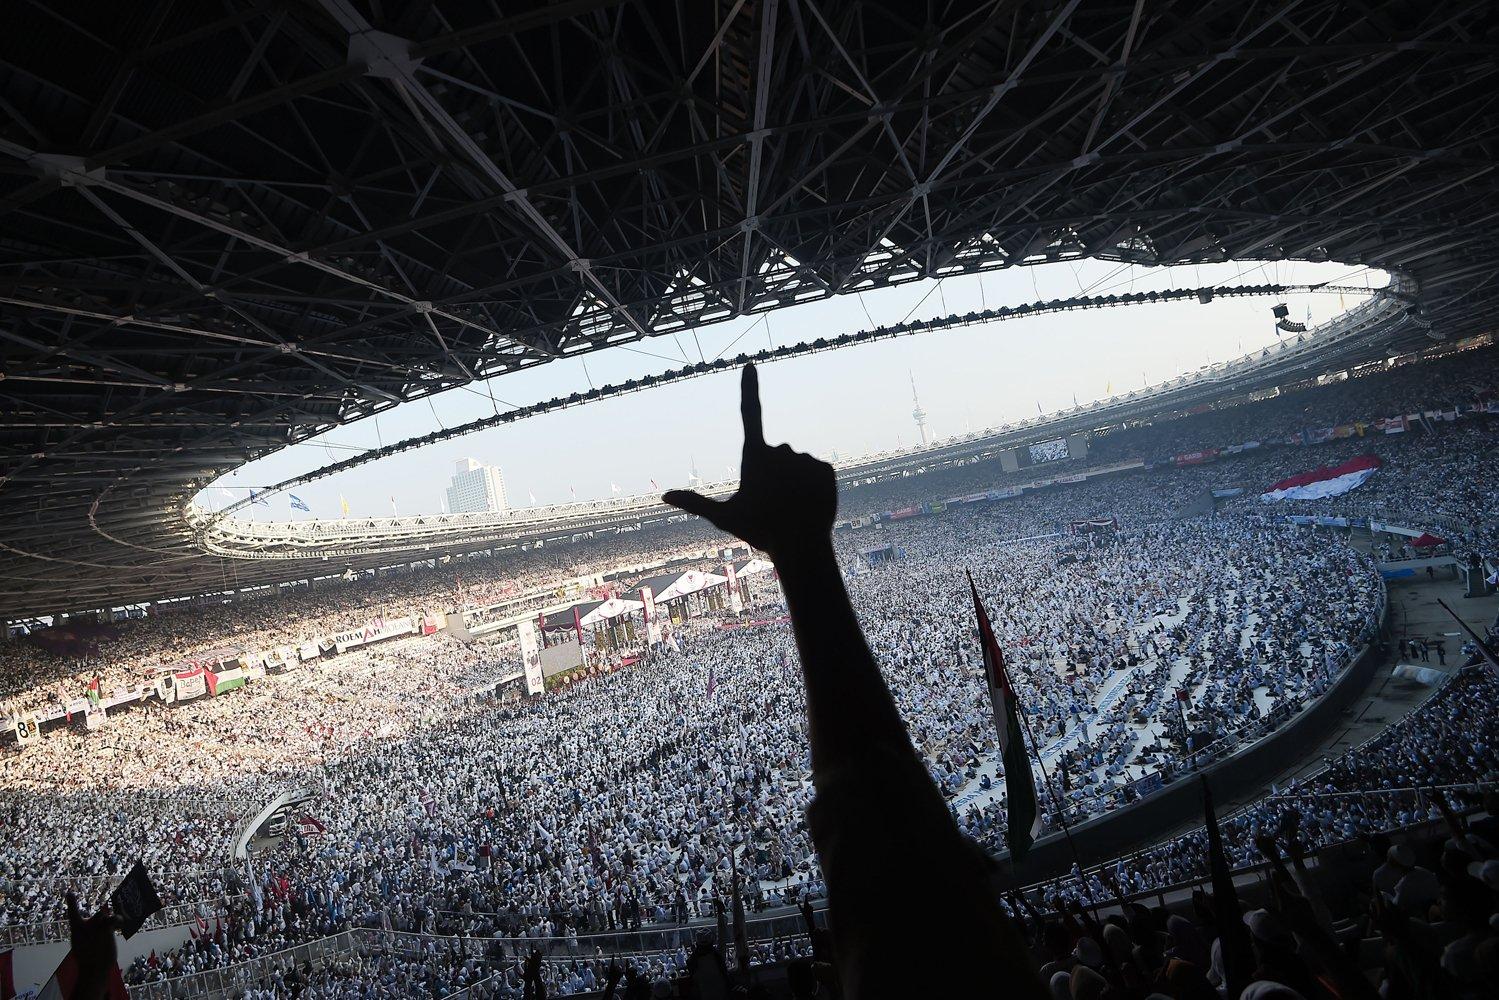 Sejumlah pendukung pasangan capres dan cawapres nomor urut 02, Prabowo Subianto dan Sandiaga Uno mengikuti kampanye akbar di Stadion Gelora Bung Karno, Senayan, Jakarta, Minggu (7/4/2019).